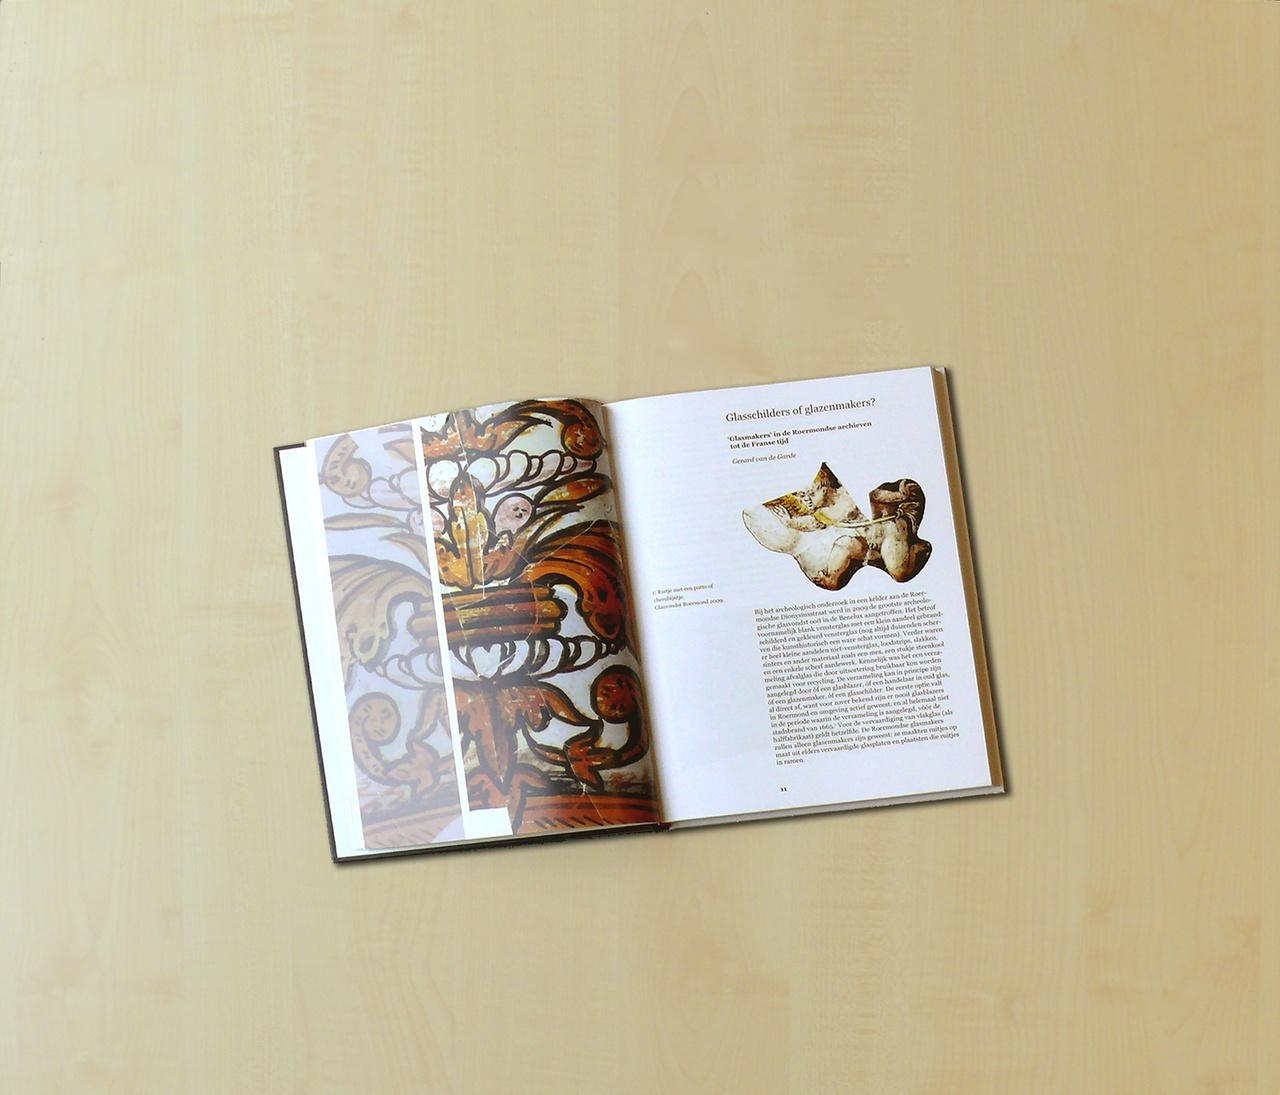 boek-roermond-glazeniersstad-open.jpg